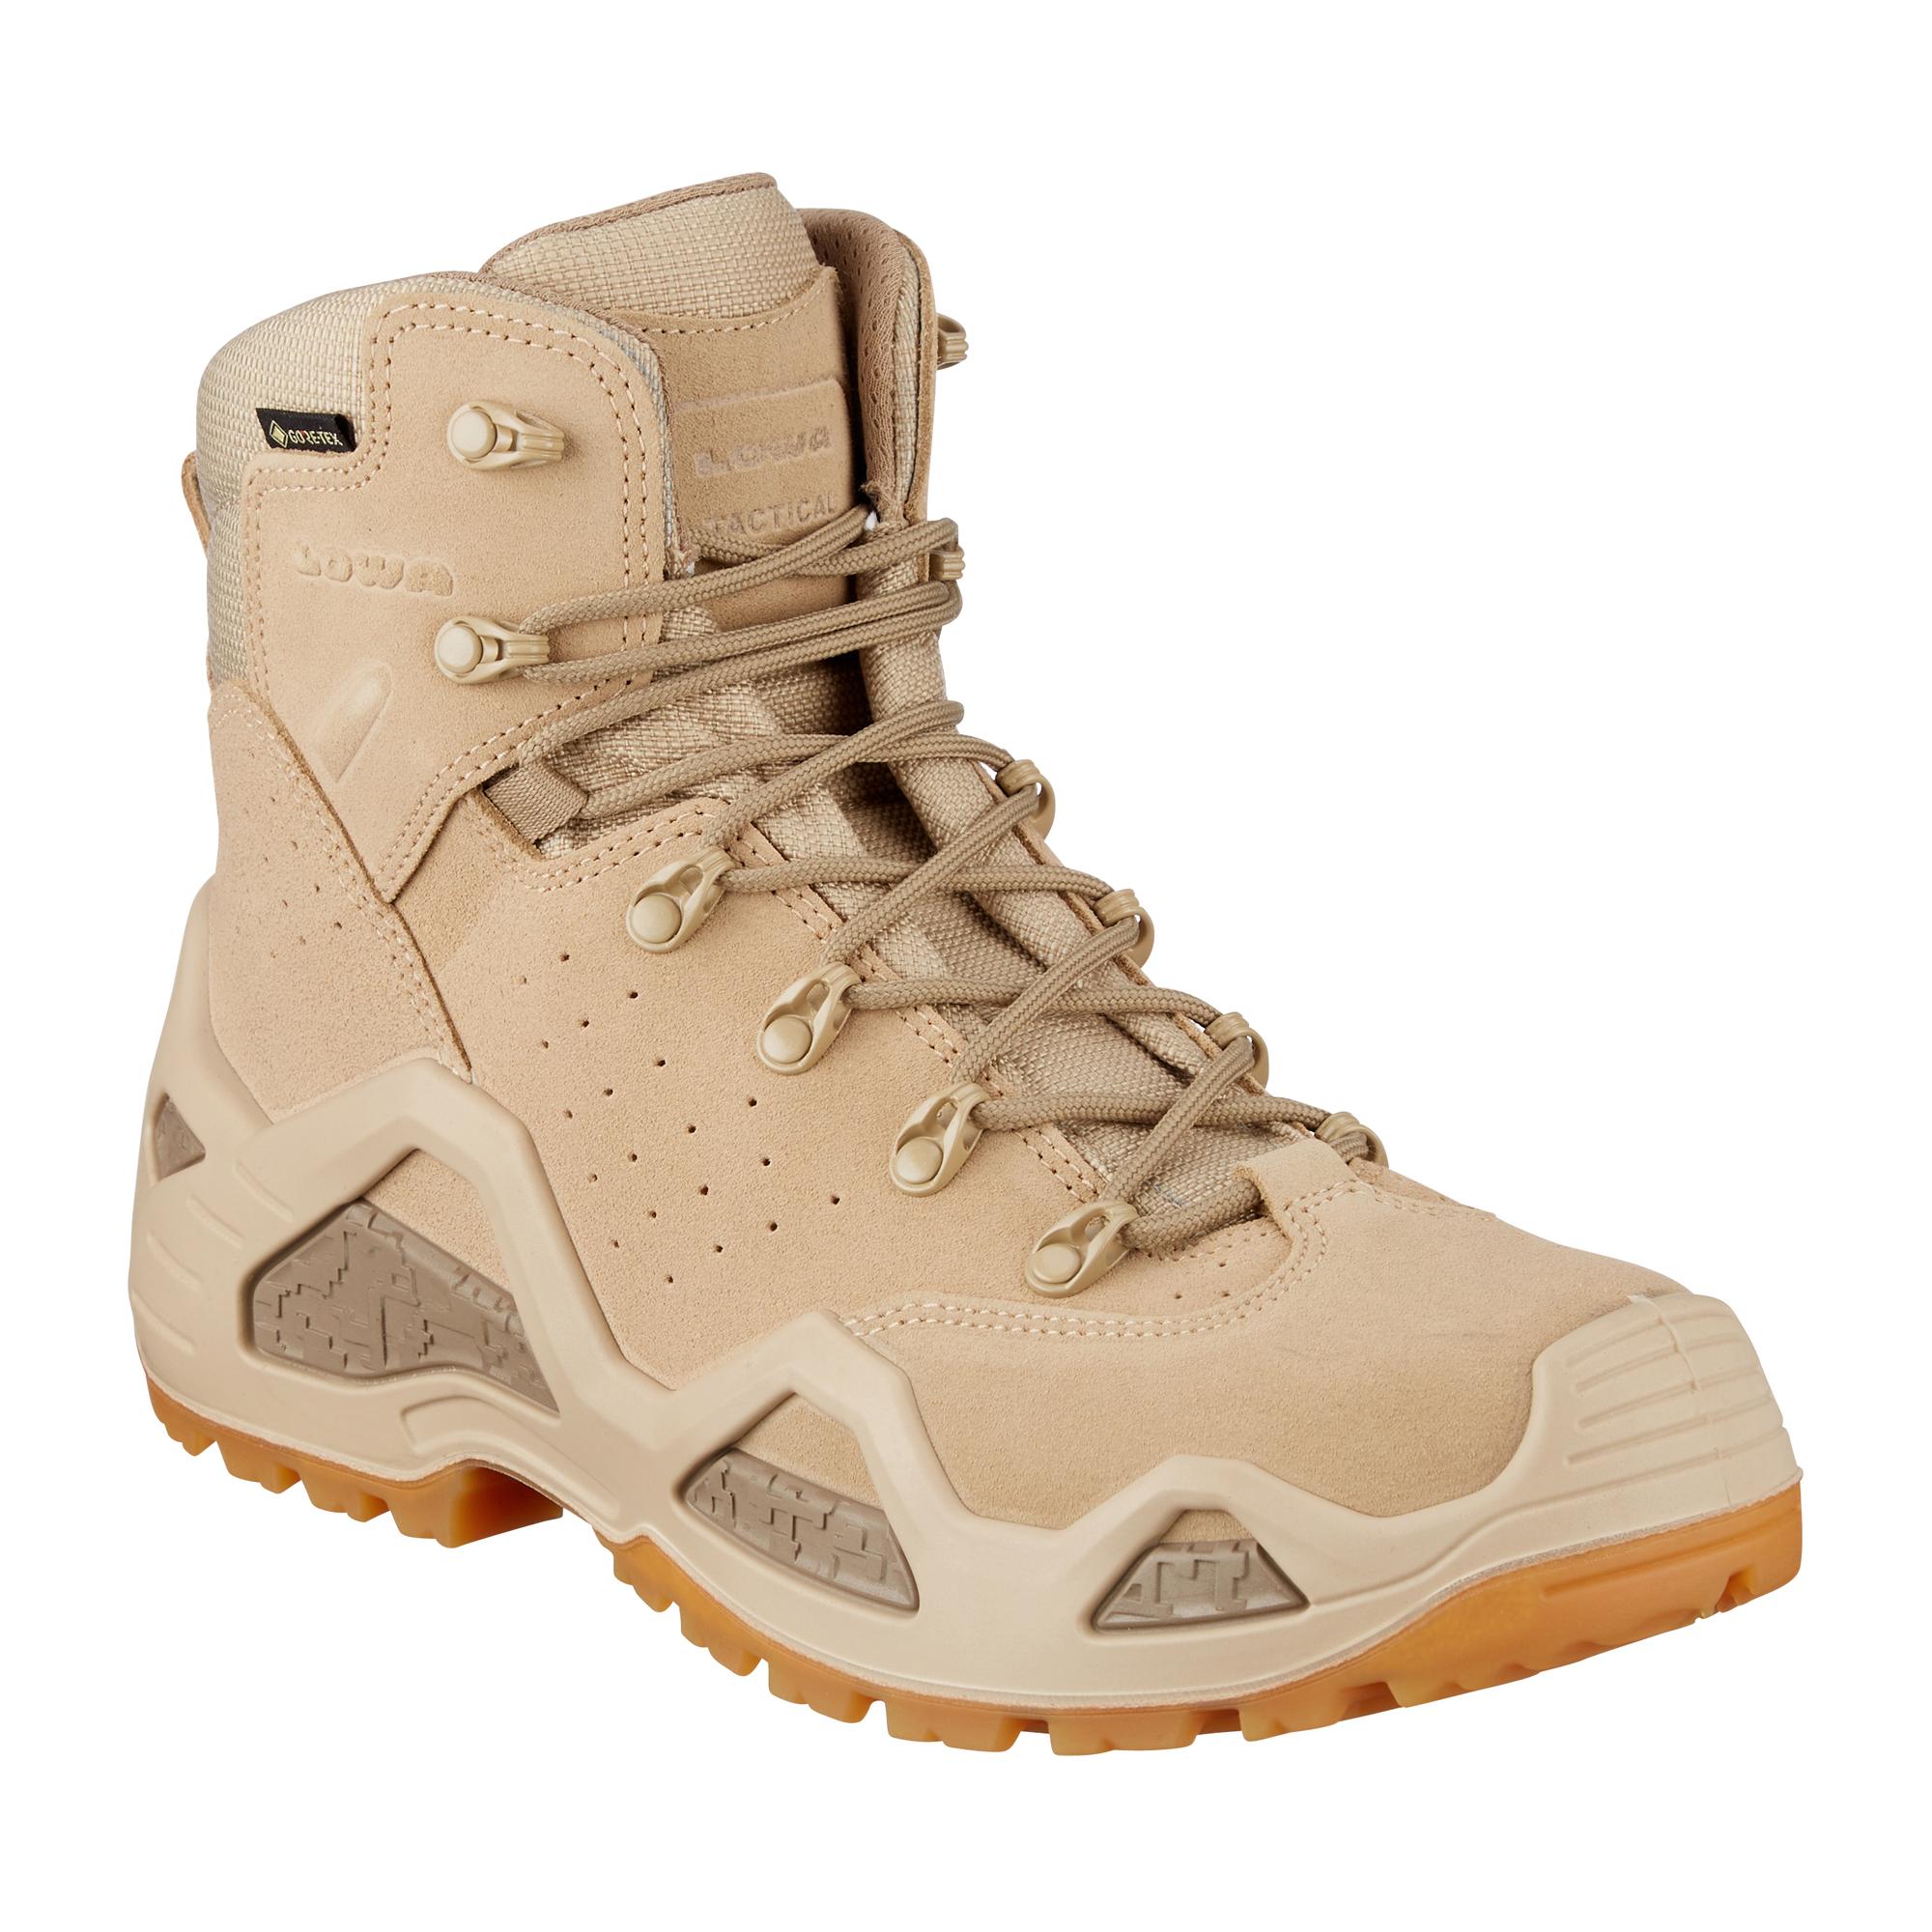 Stiefel LOWA Z-6S GTX® desert